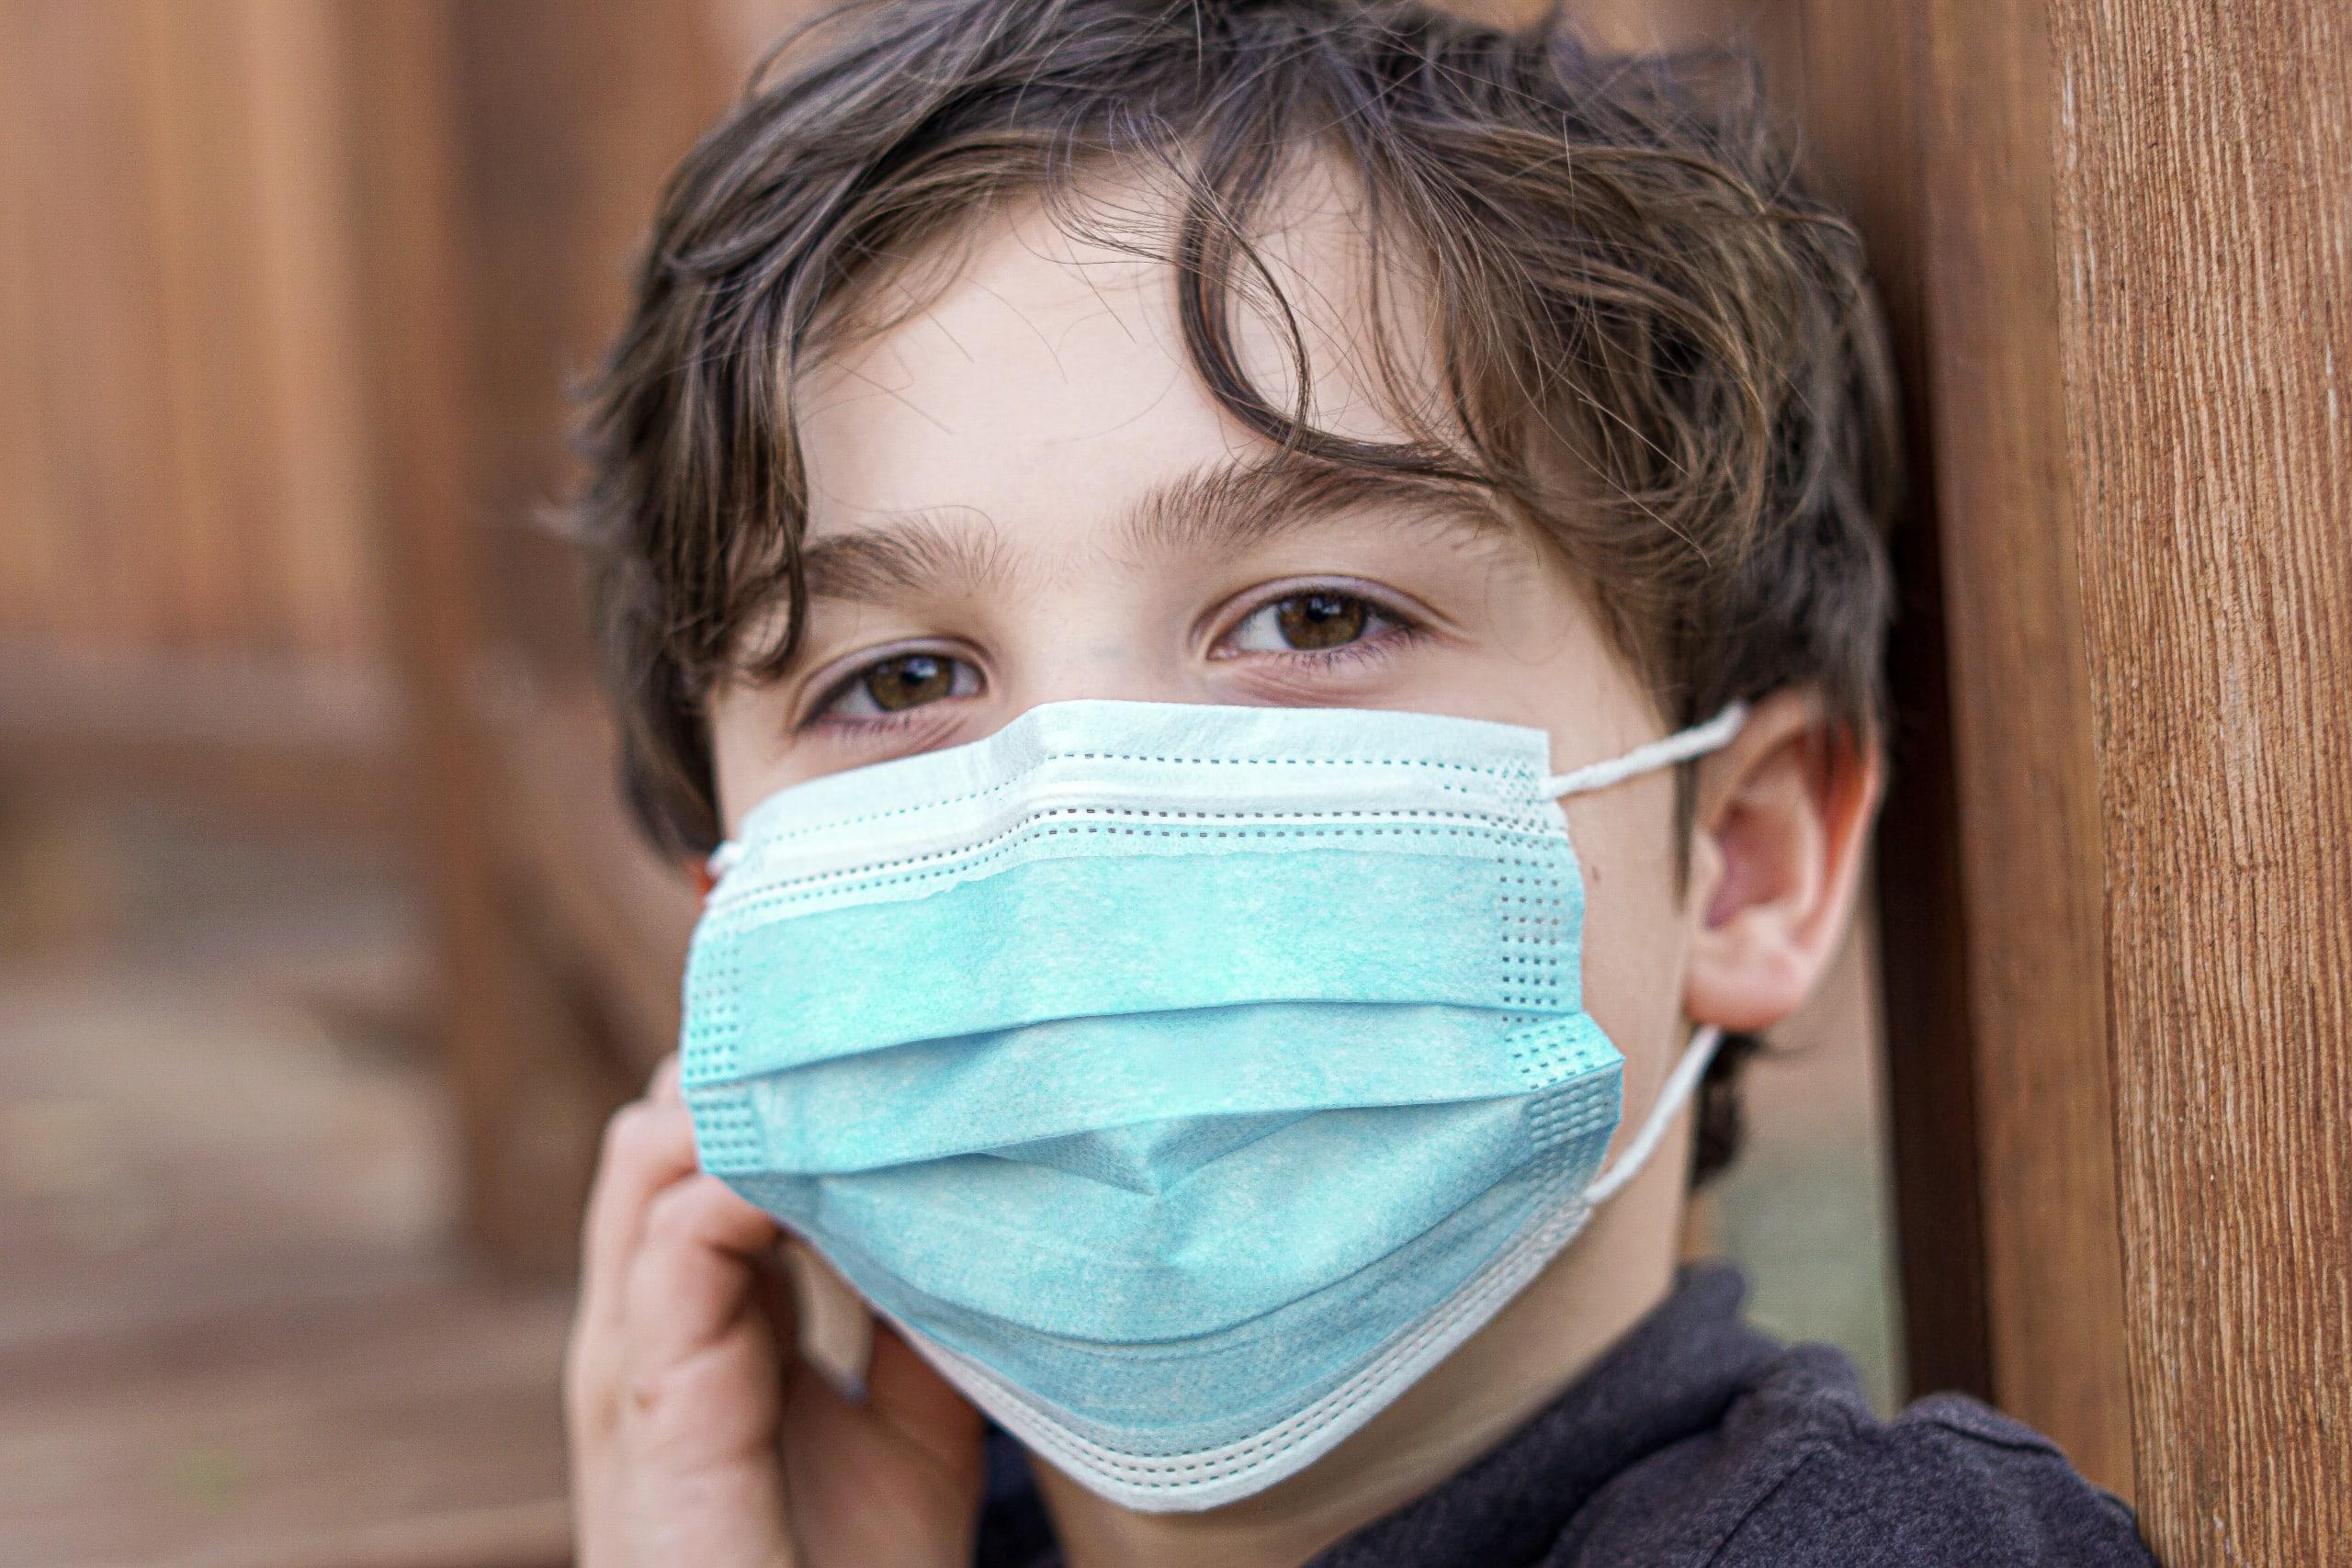 Boy wearing facemask